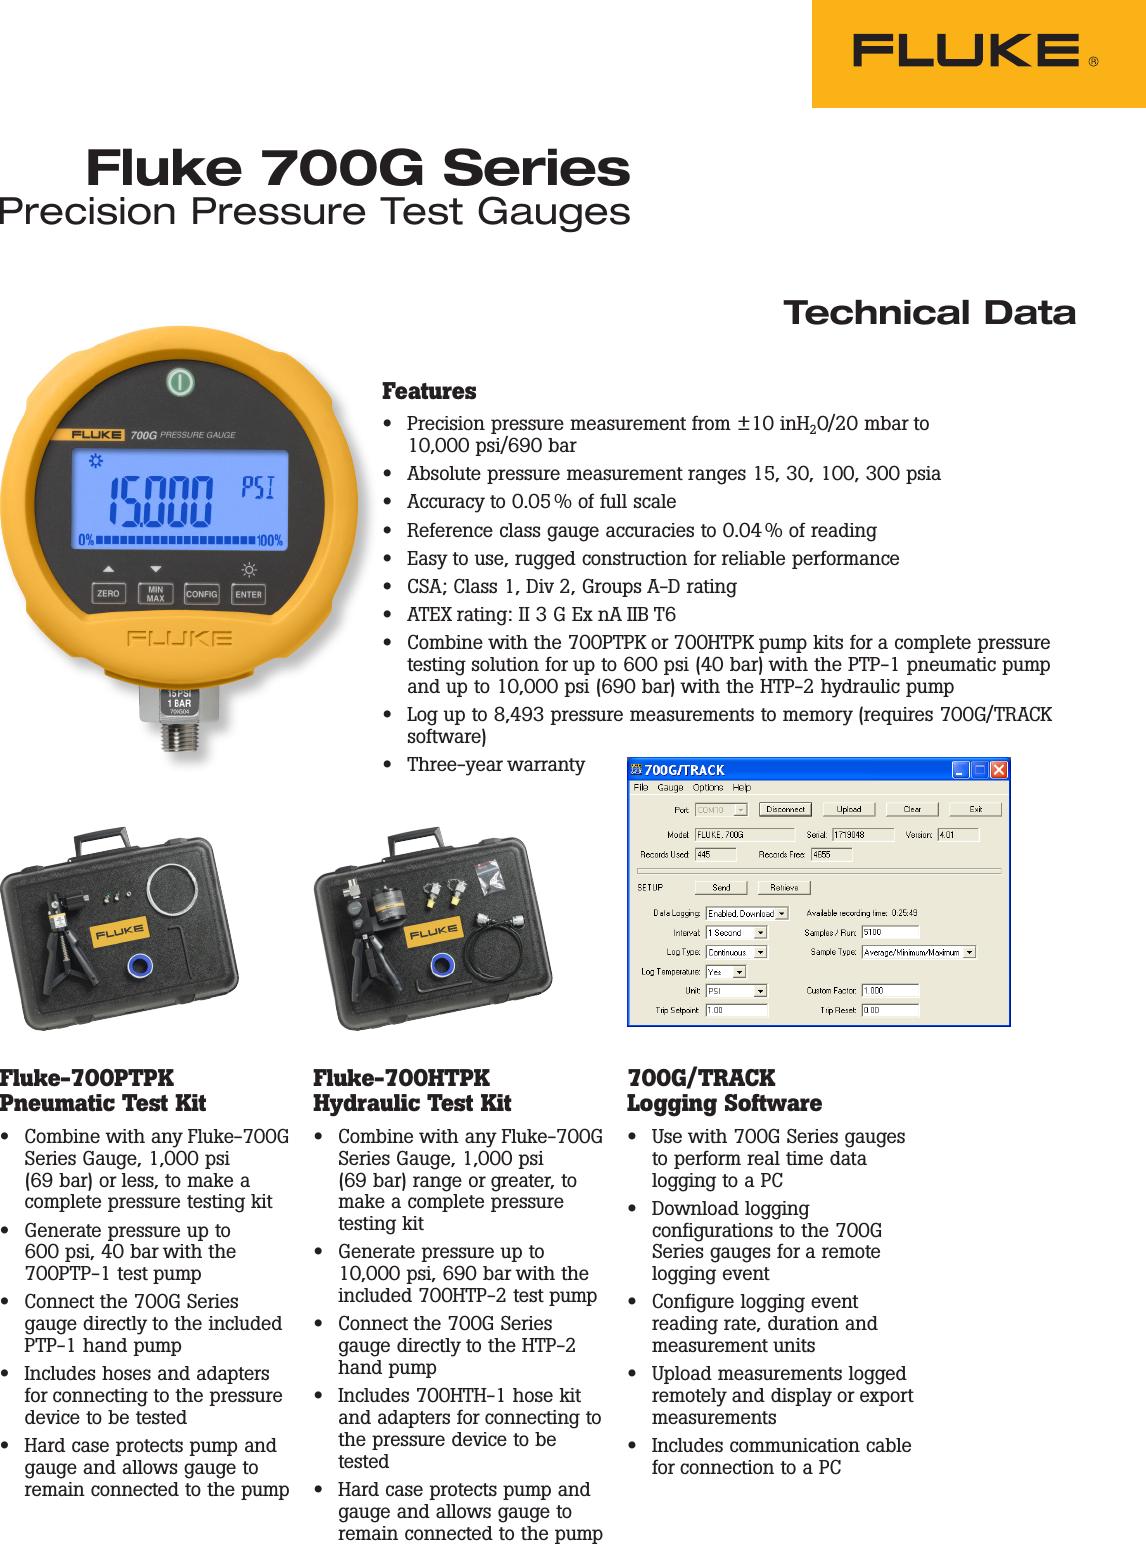 Fluke 700G Precision Pressure Gauges